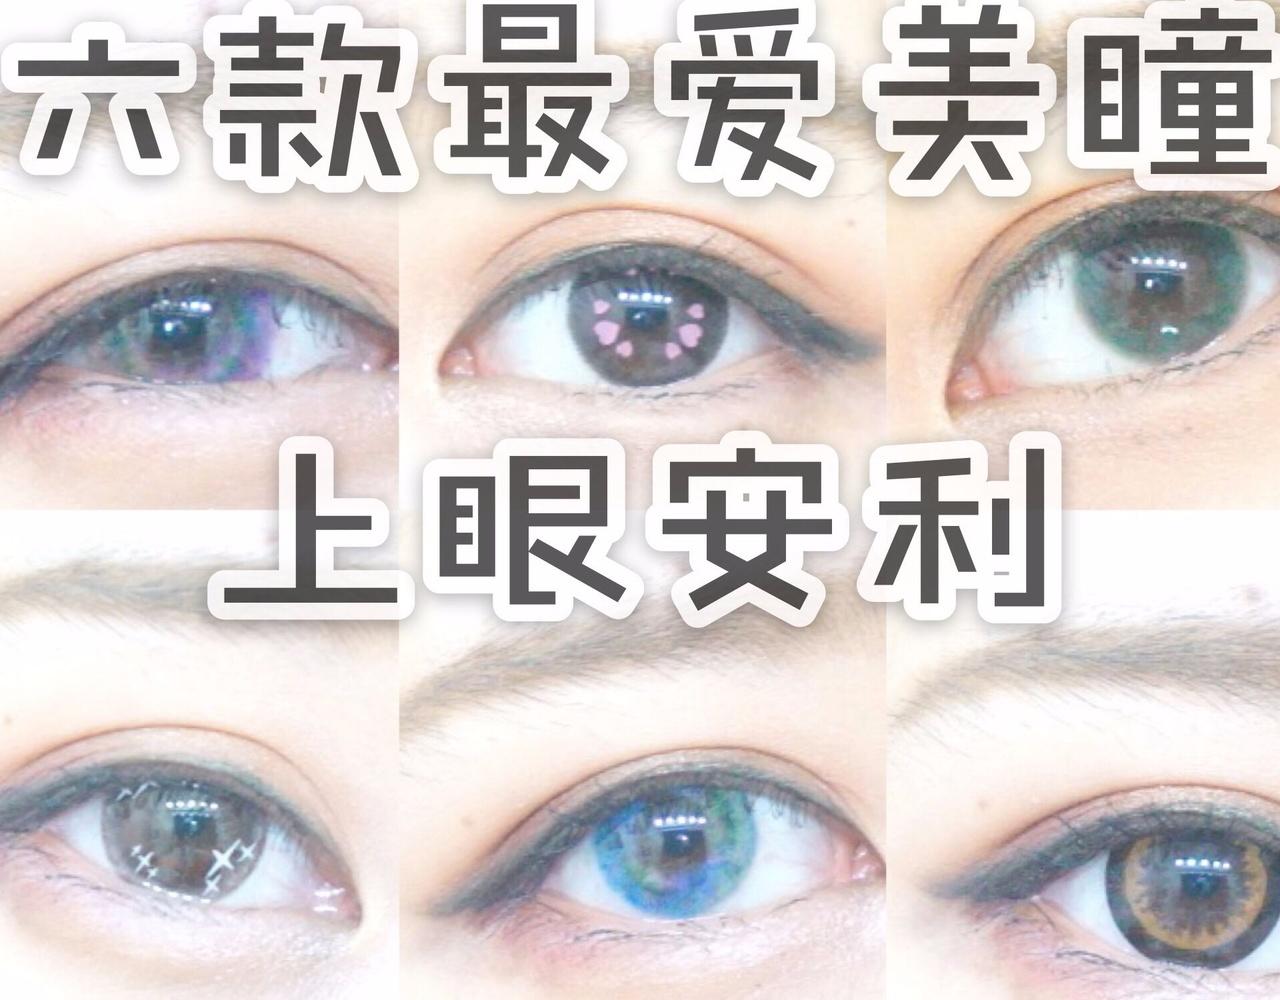 波克比-最喜欢的美瞳top 6 (花纹独特居多)